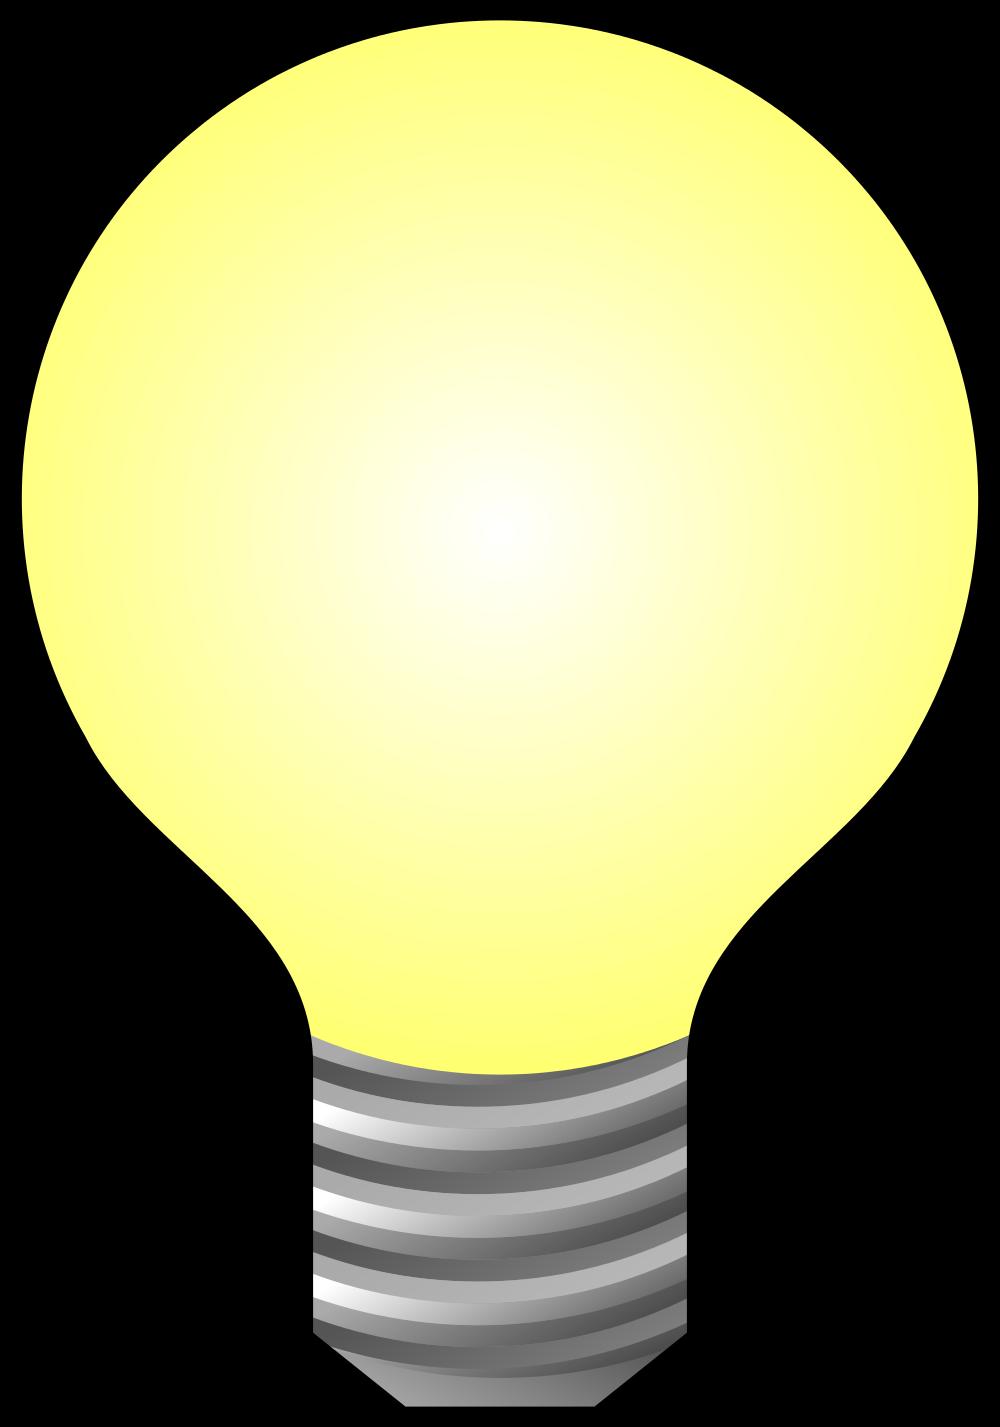 Lightbulb clipart light source, Lightbulb light source.